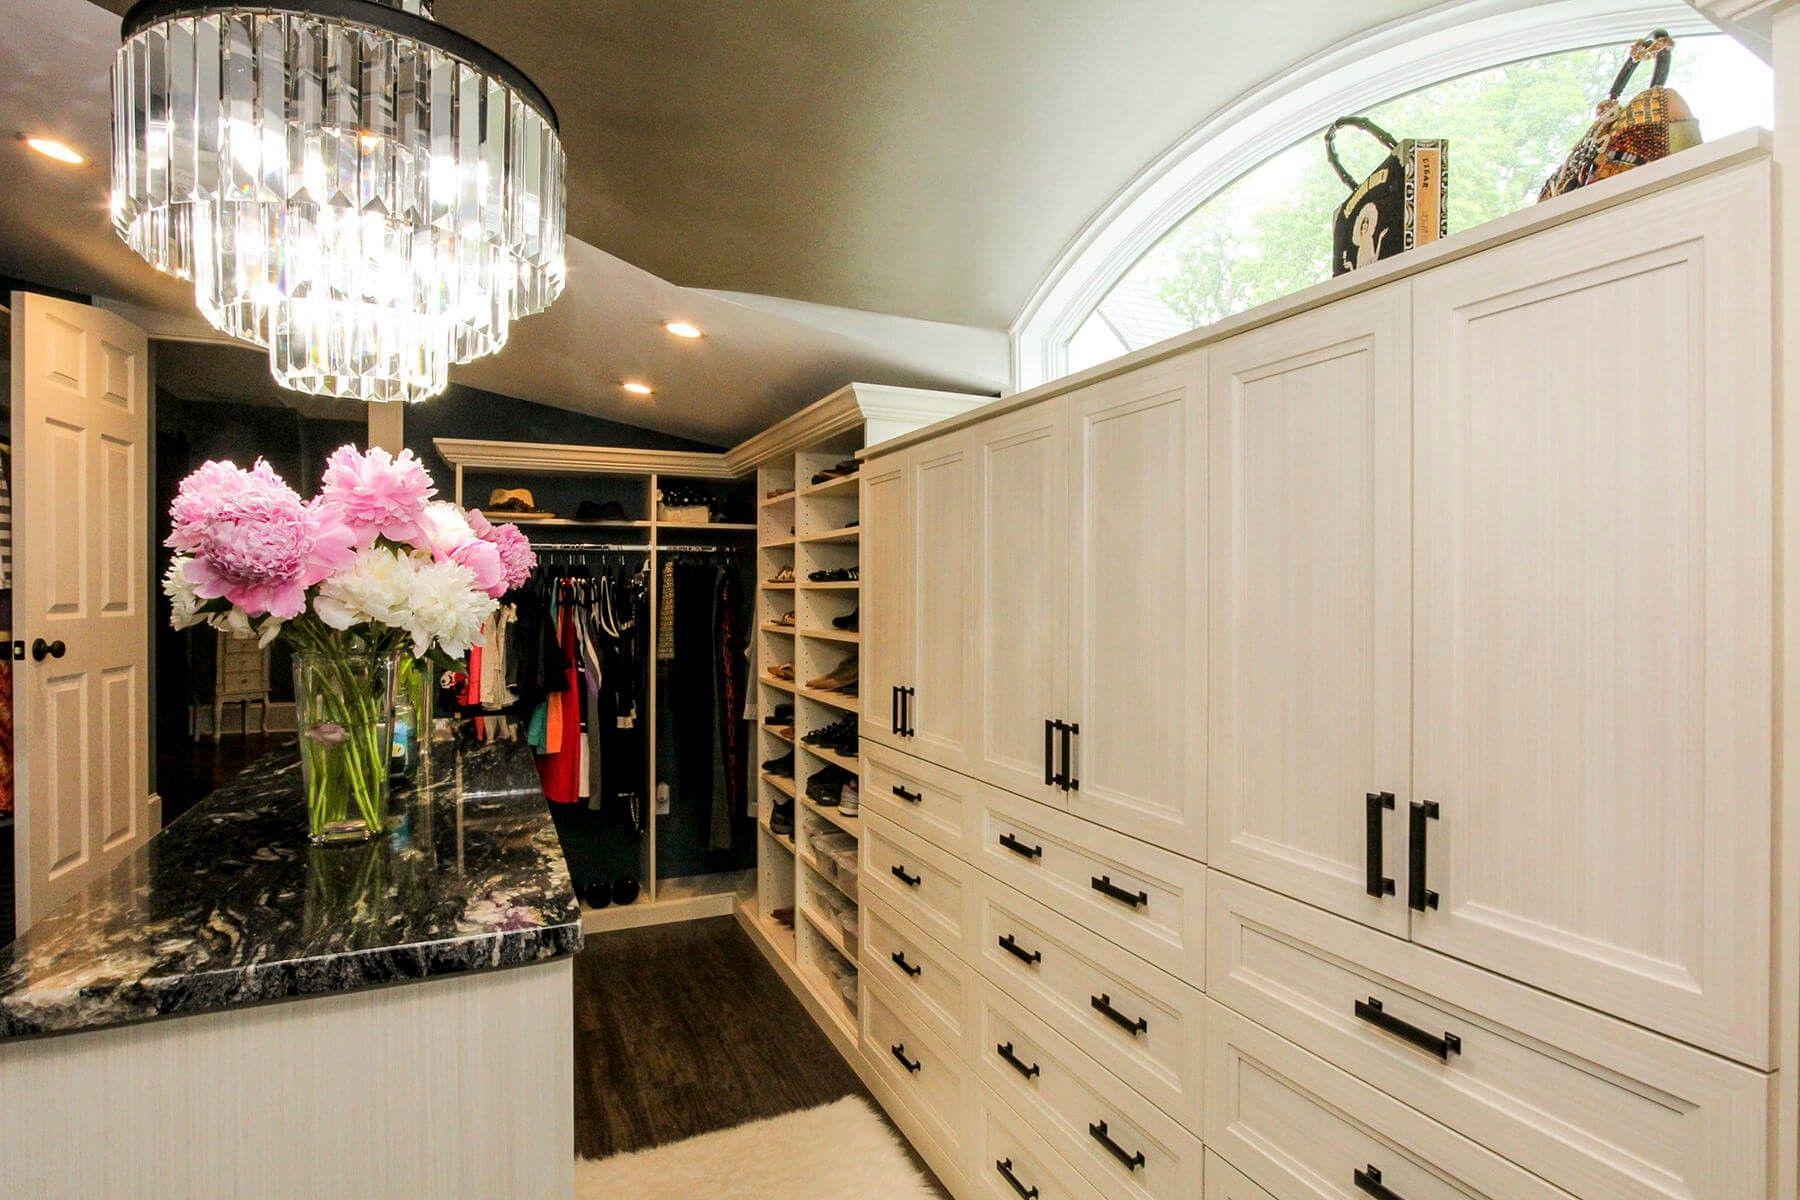 zwei schuh gep cktr ger und drei volle schr nke bieten eine f lle von speicher in die 67. Black Bedroom Furniture Sets. Home Design Ideas